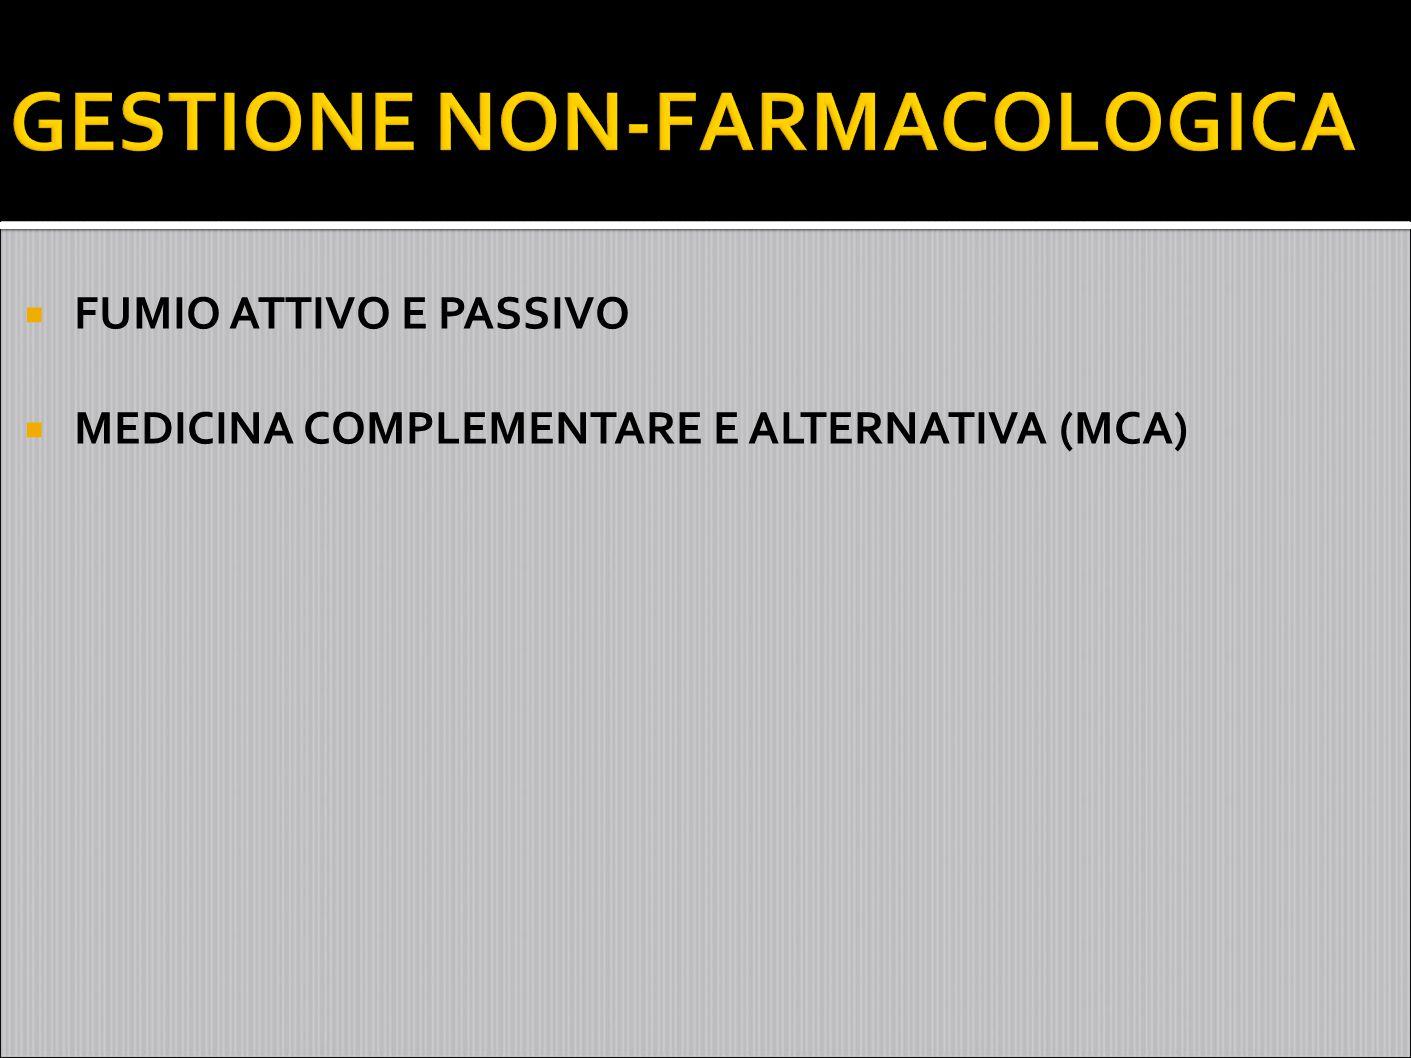 GESTIONE NON-FARMACOLOGICA